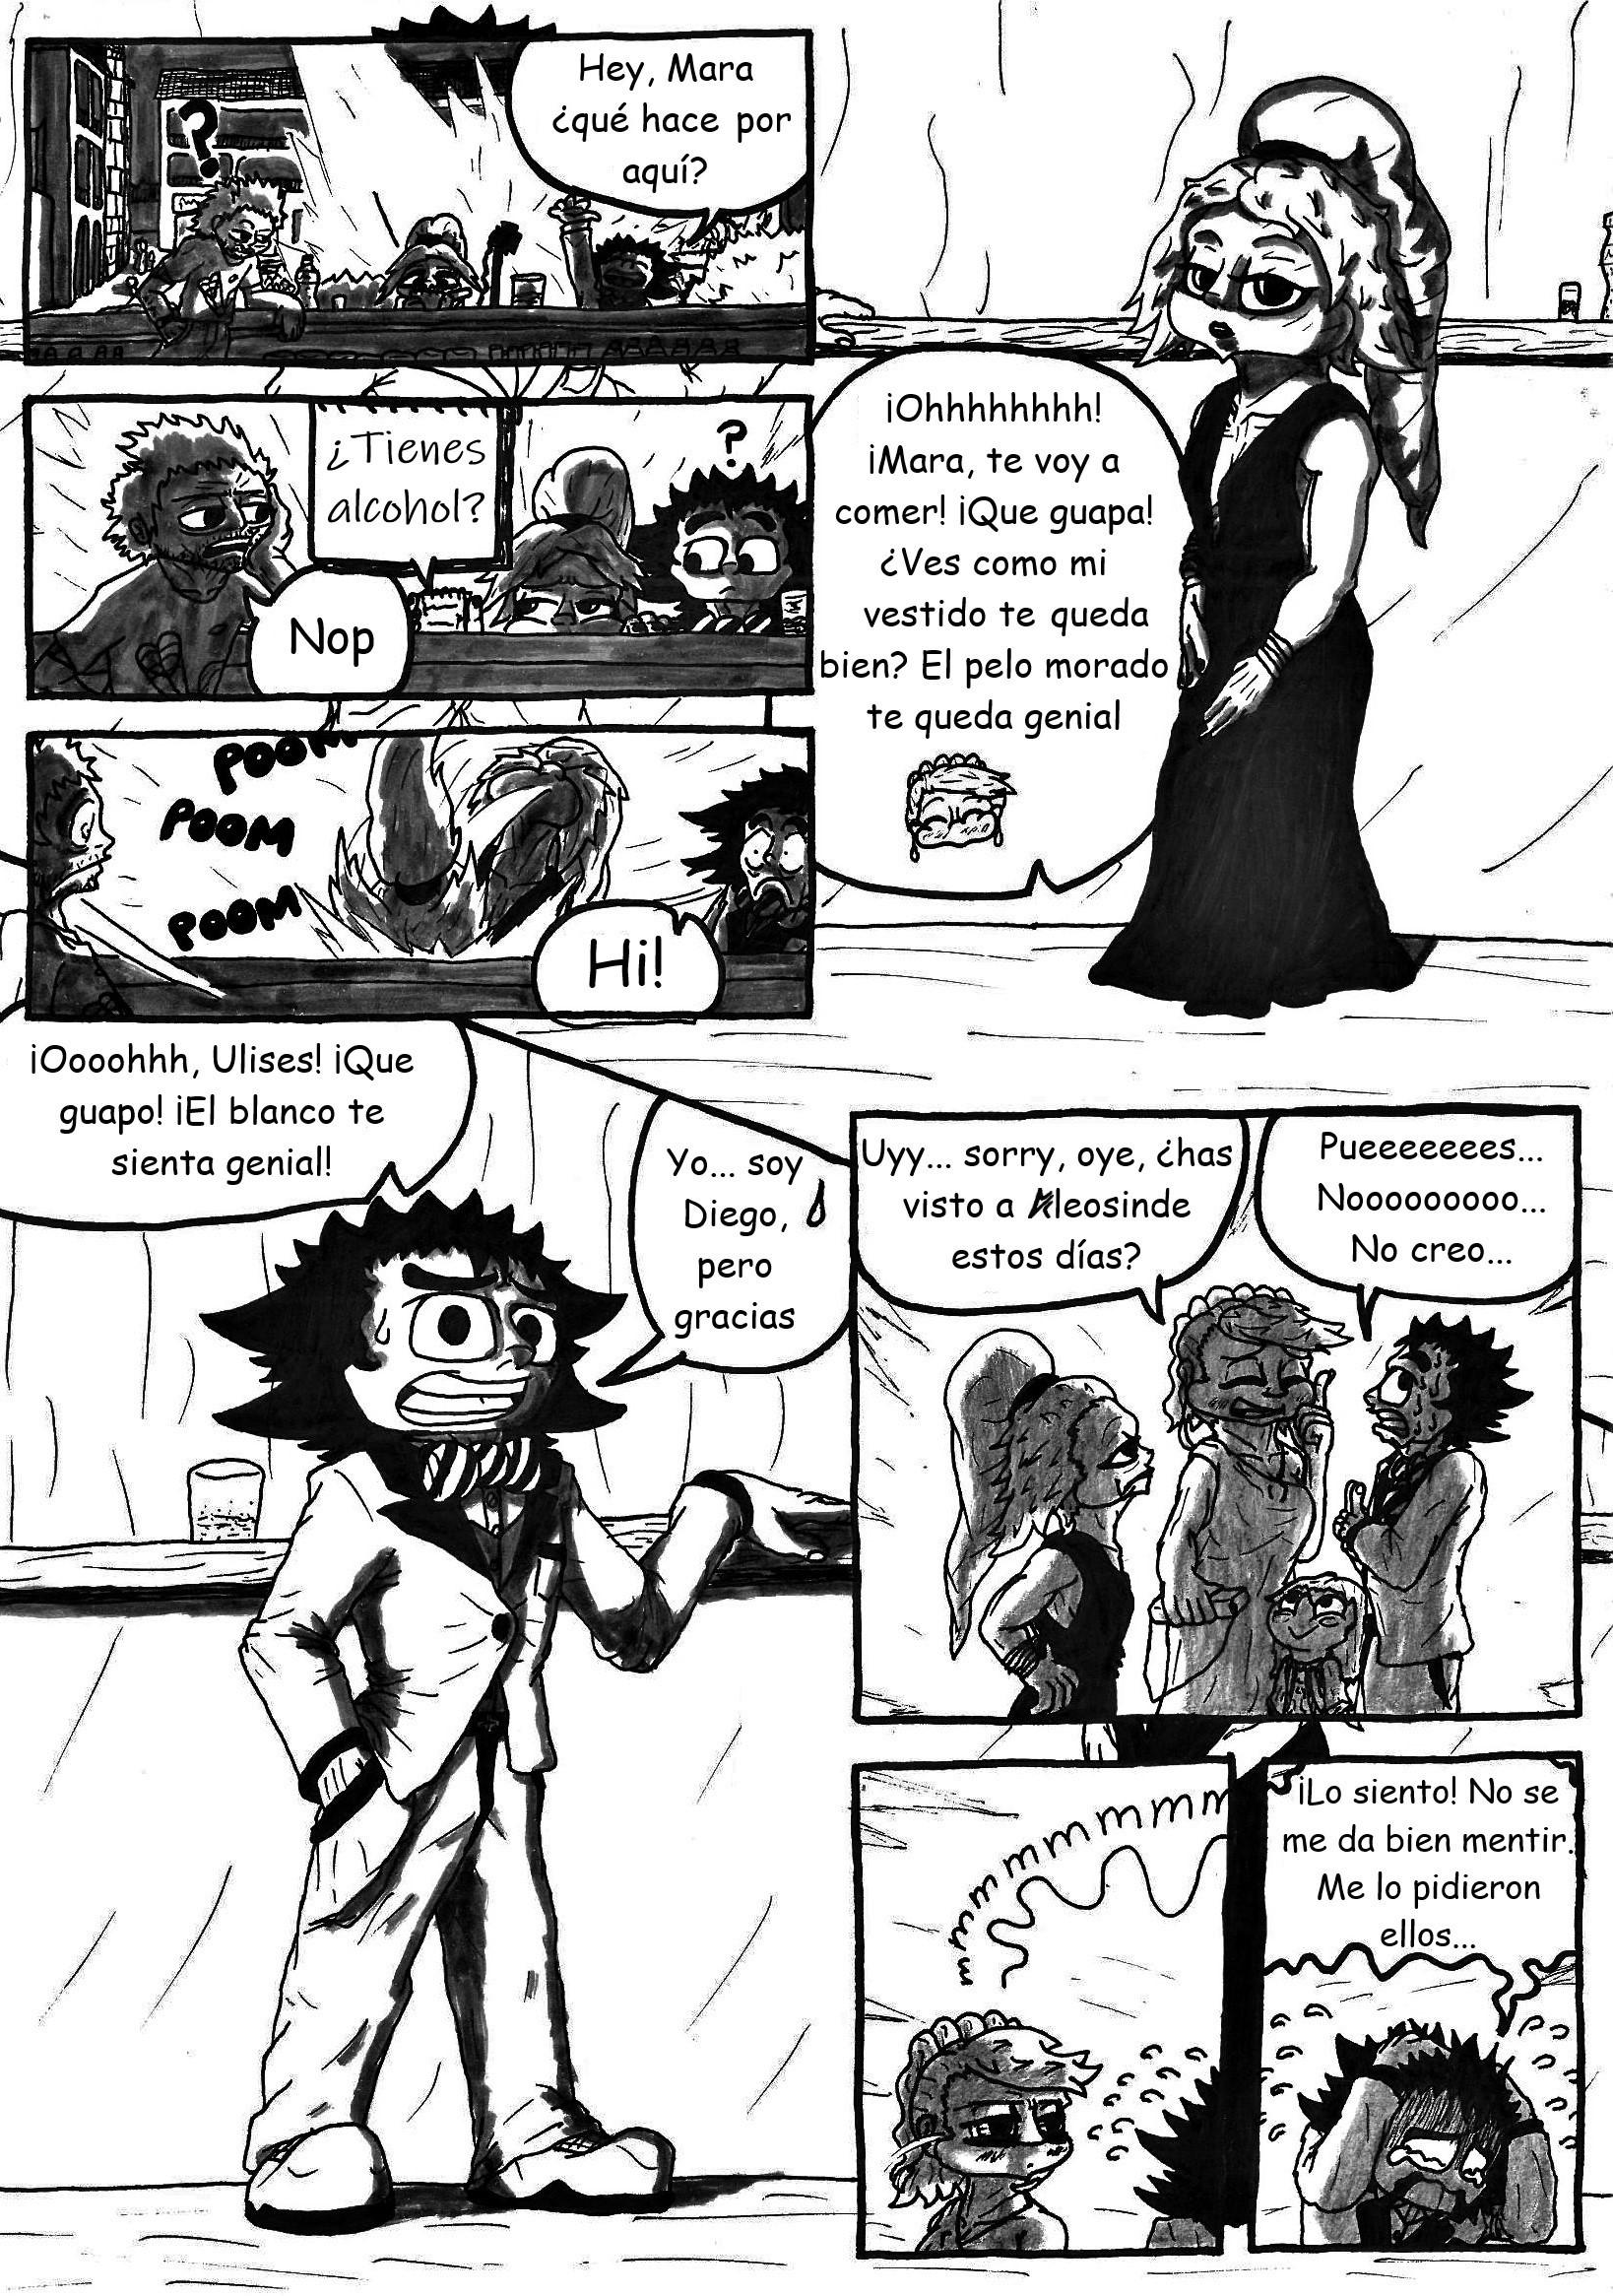 Avatar_03_J_Angel_Casado_Fuster_pagina00030